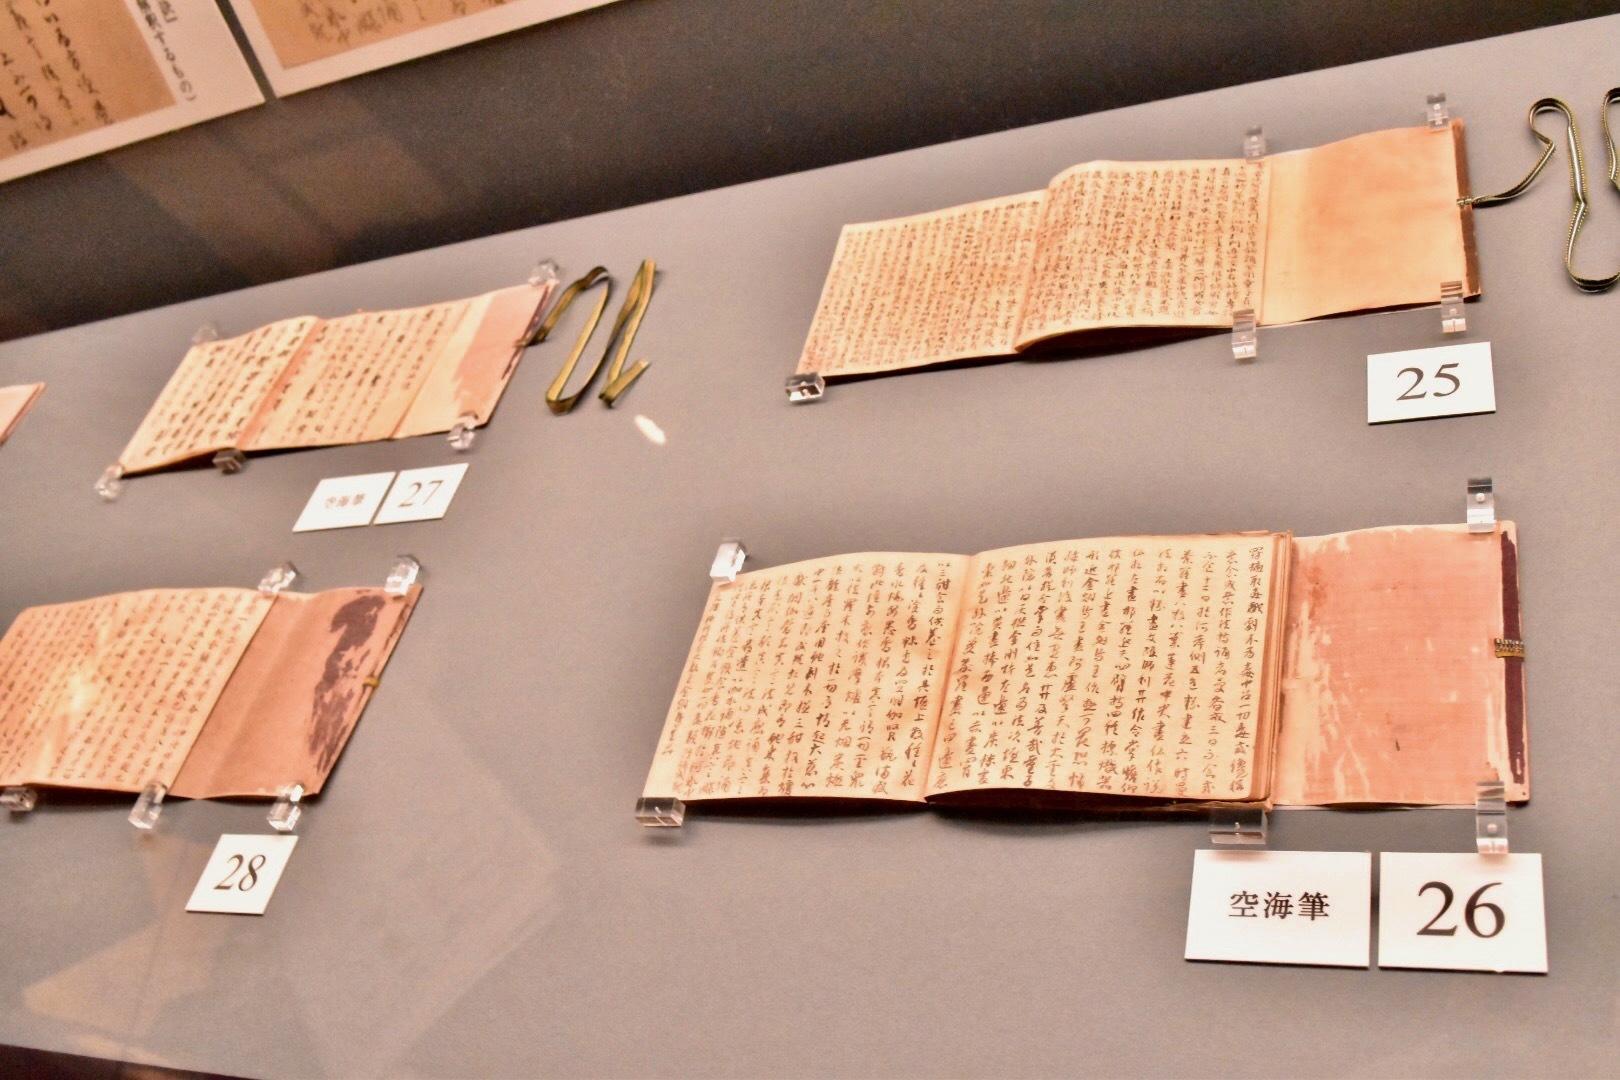 国宝 三十帖冊子 空海ほか筆 平安時代 9世紀 京都・仁和寺